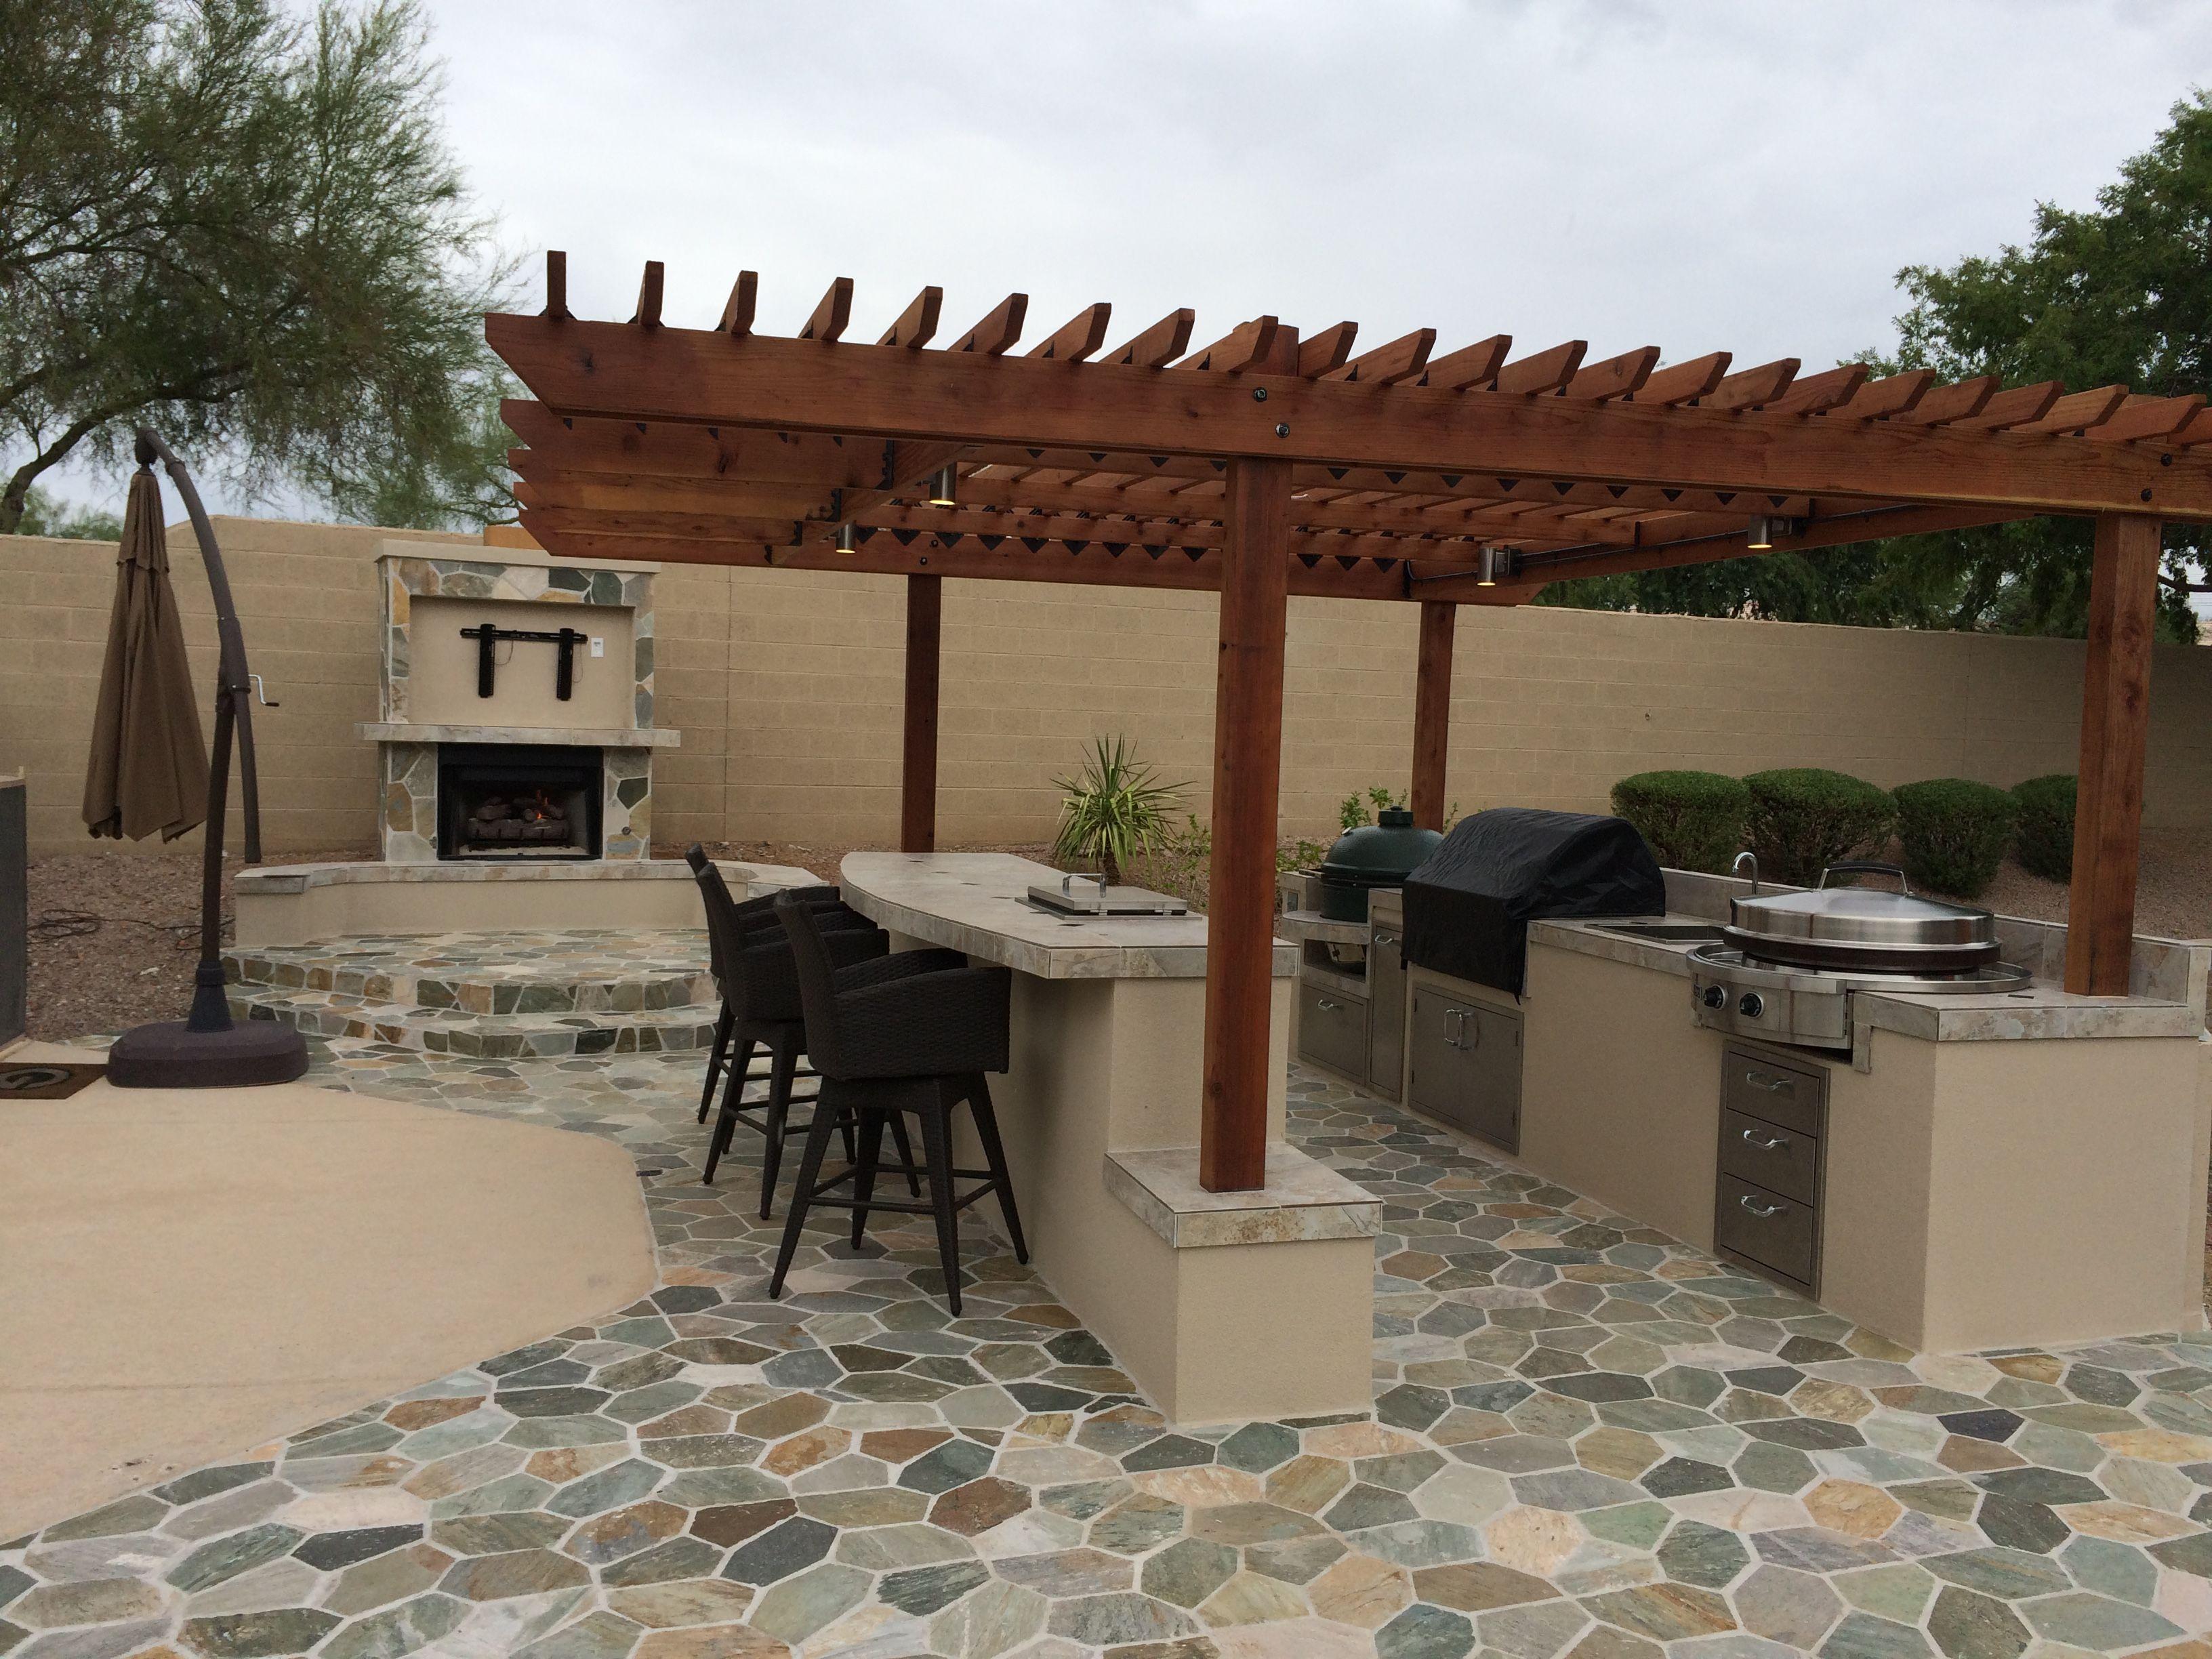 arizona outdoor kitchens www jbbqislands com in 2019 backyard landscaping outdoor kitchen on outdoor kitchen yard id=43476